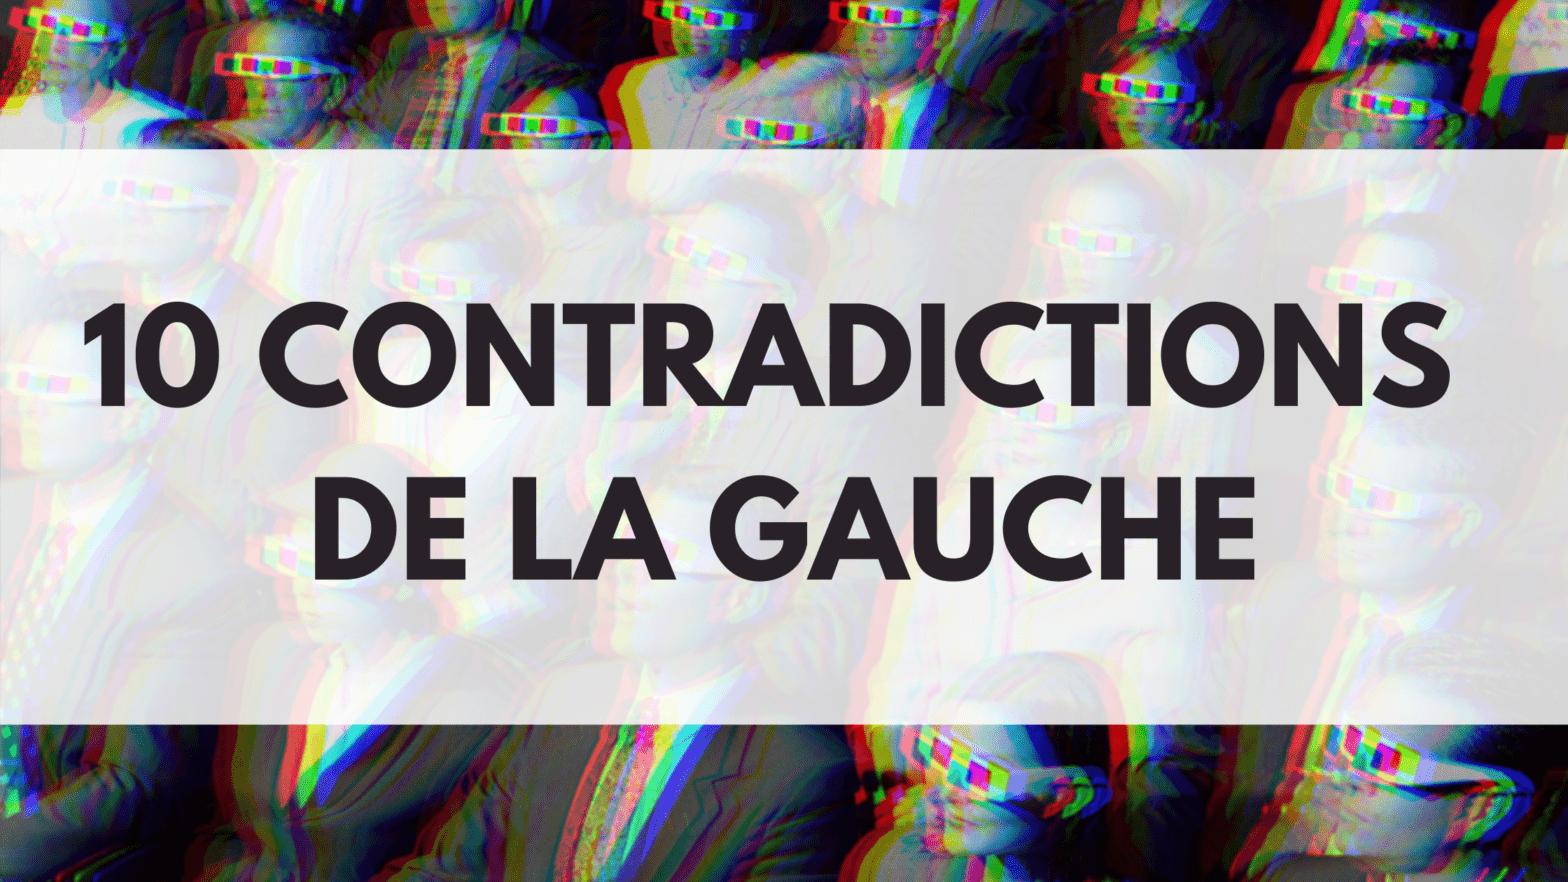 10 Contradictions de la Gauche